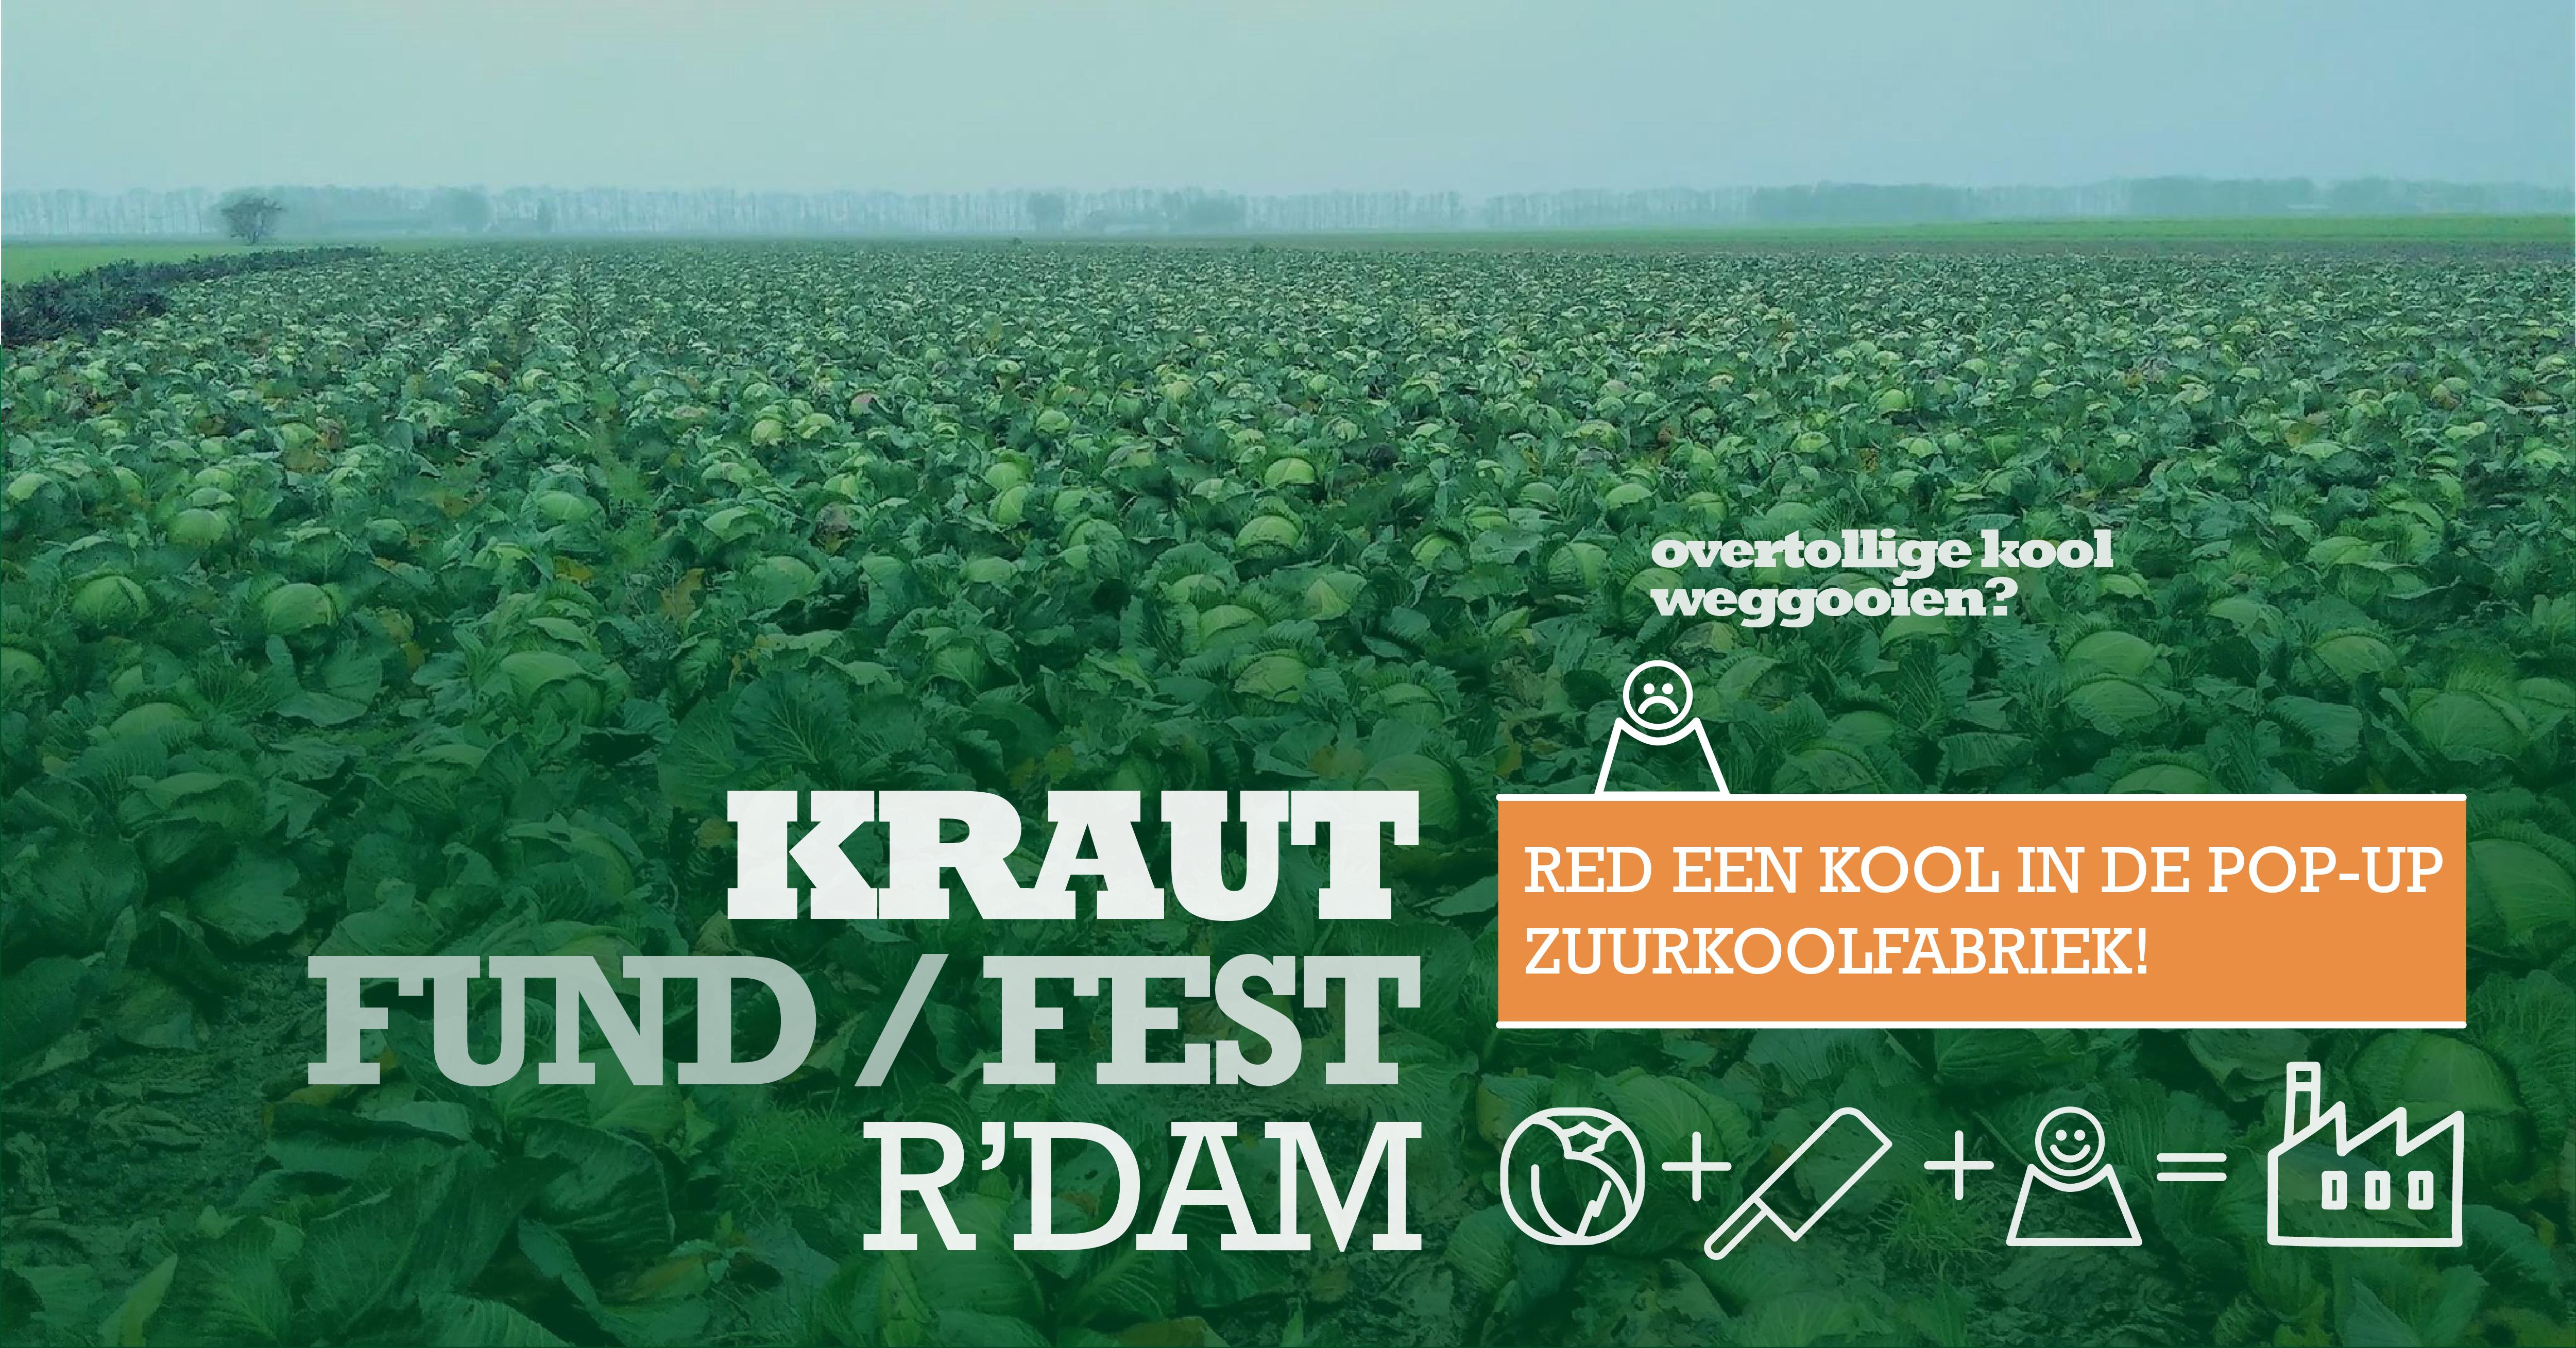 Kraut Fund Fest Rotterdam